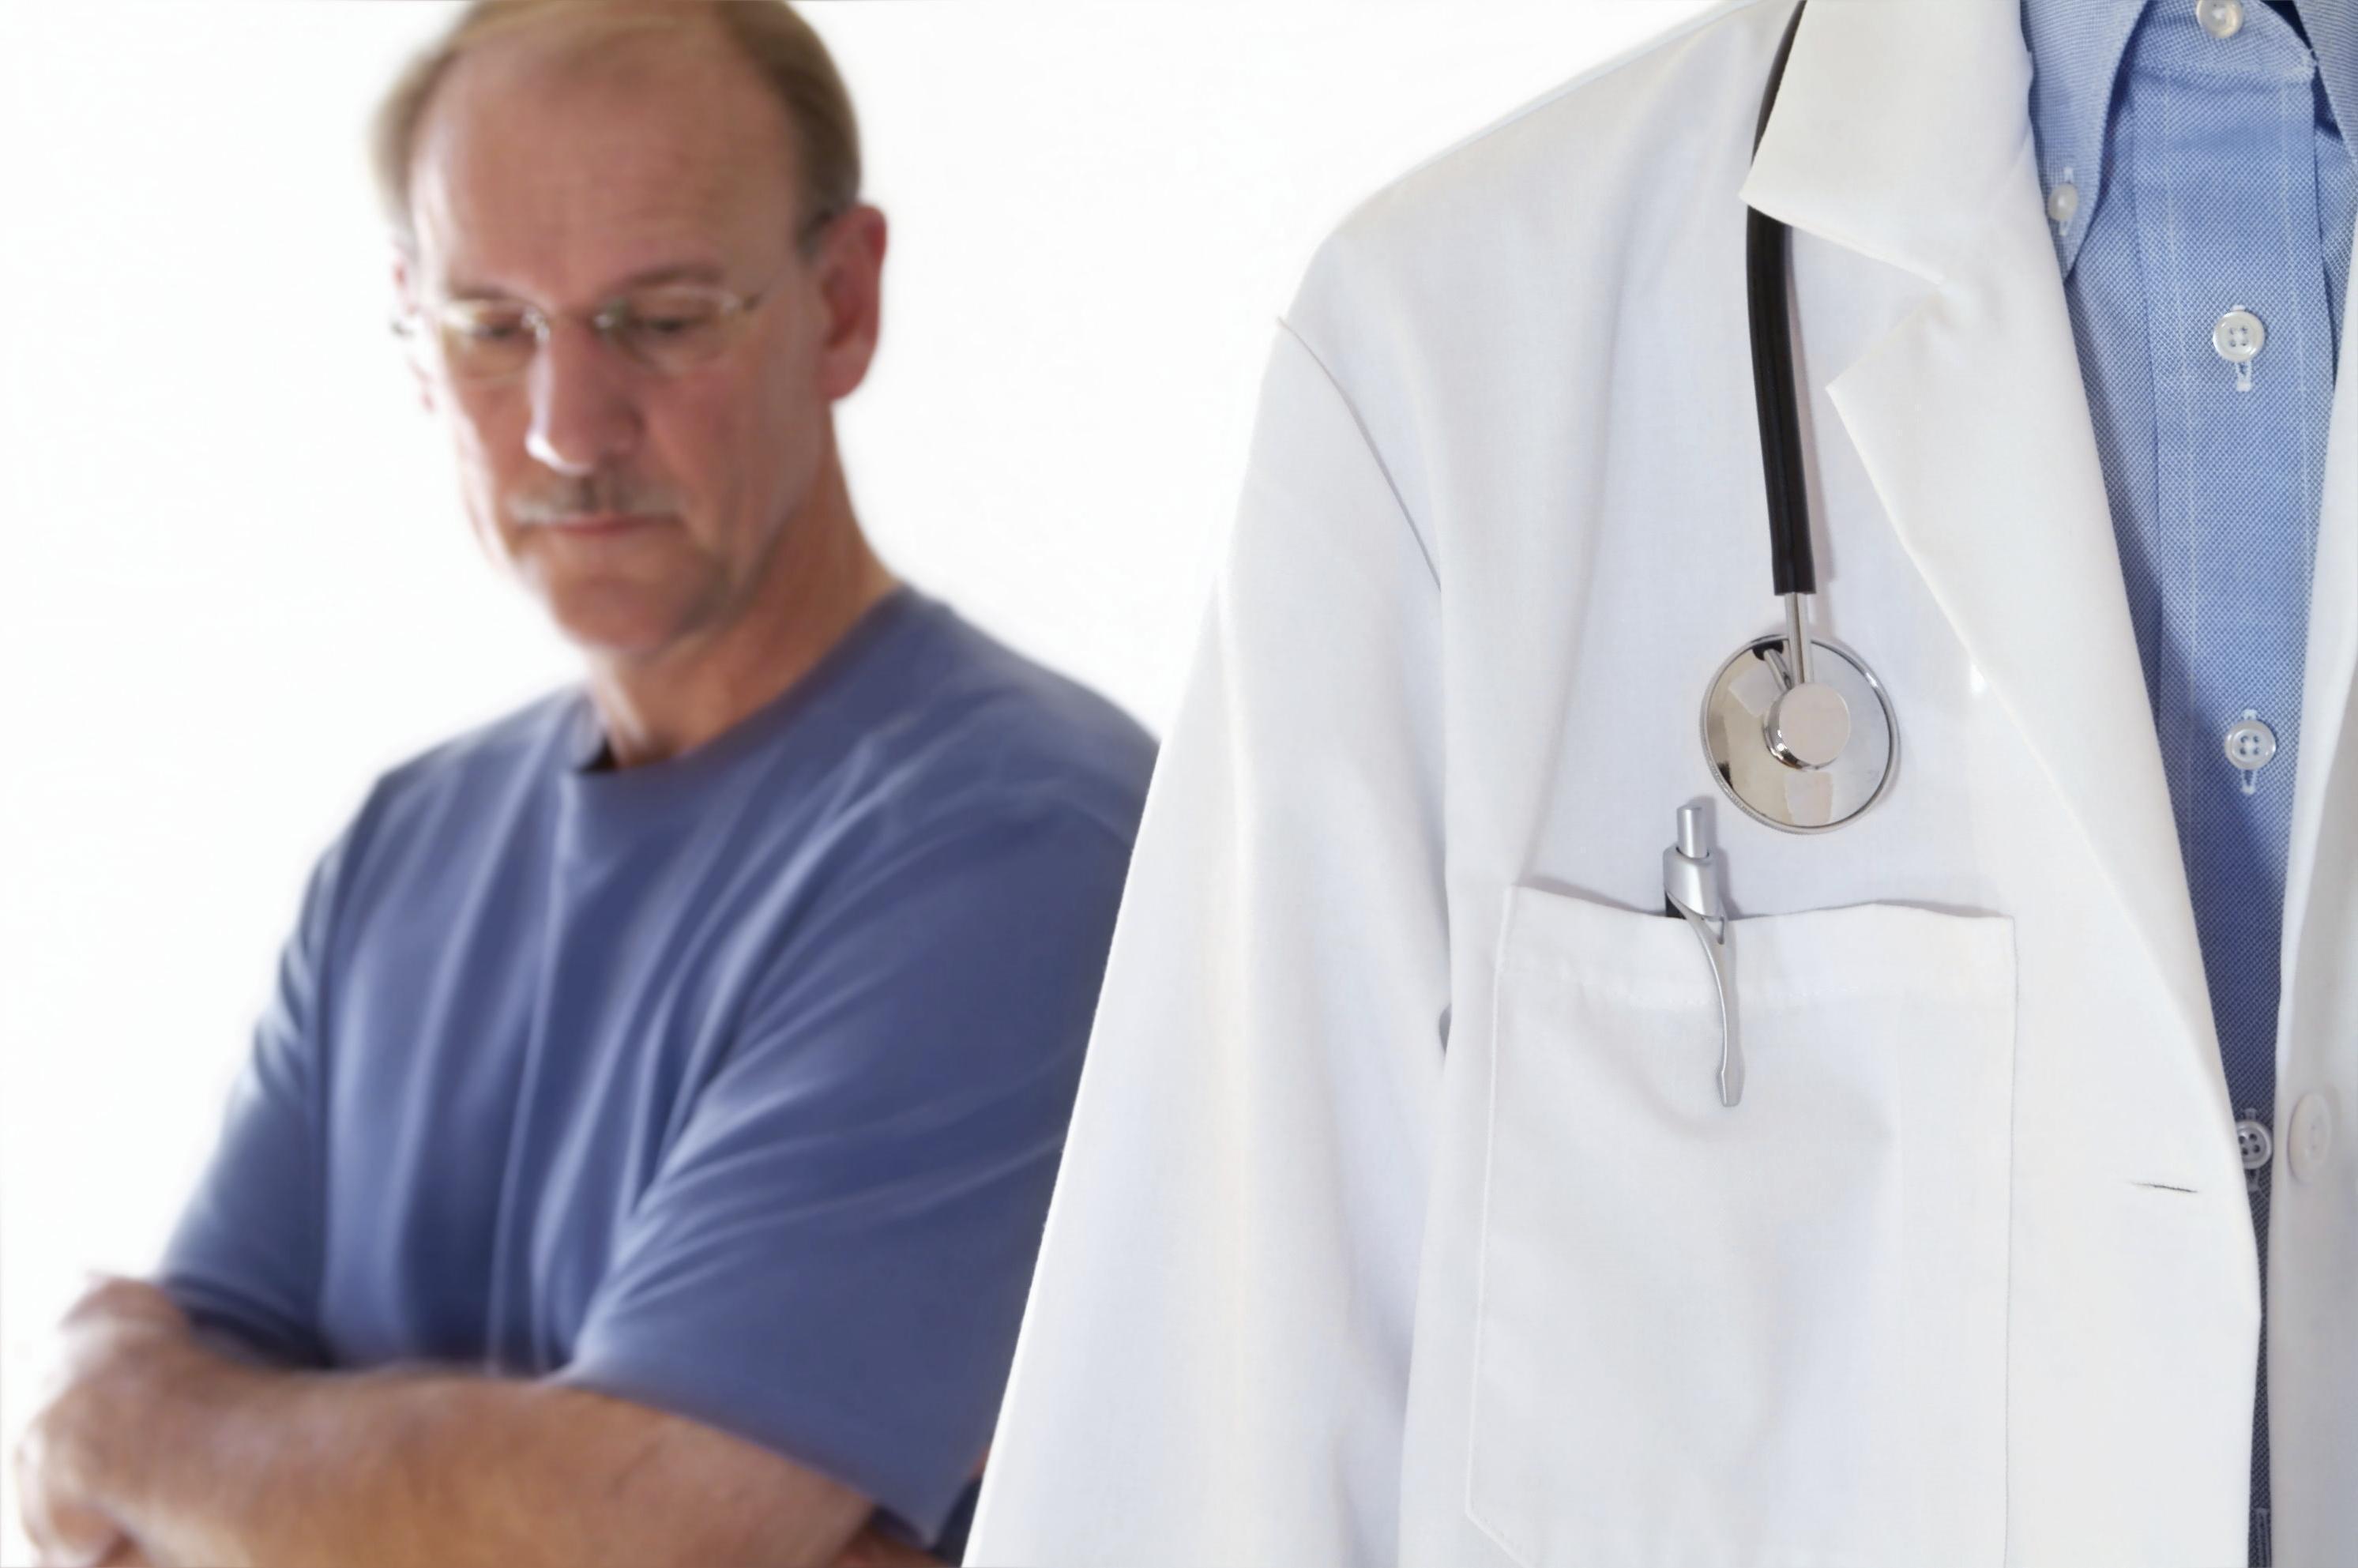 Câncer De Próstata – Sintomas E O Que Saber Sobre O Câncer De Próstata